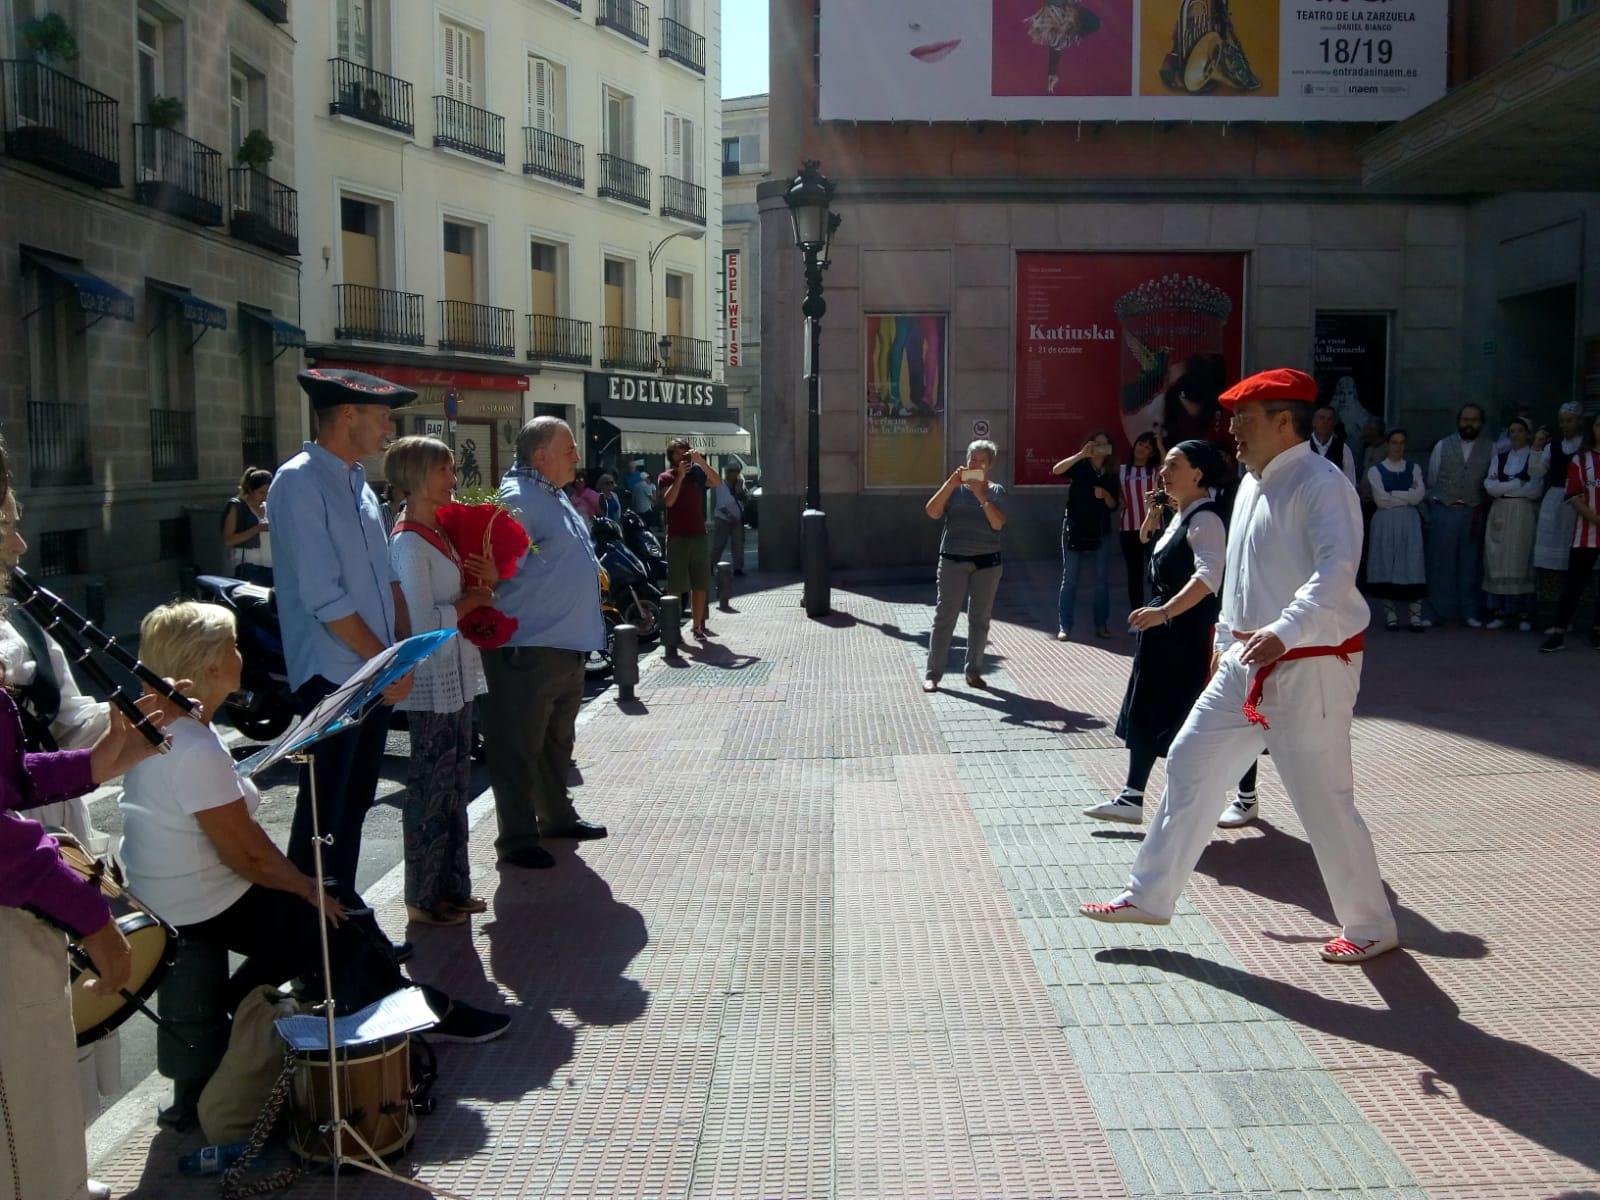 Madrid_01.jpg